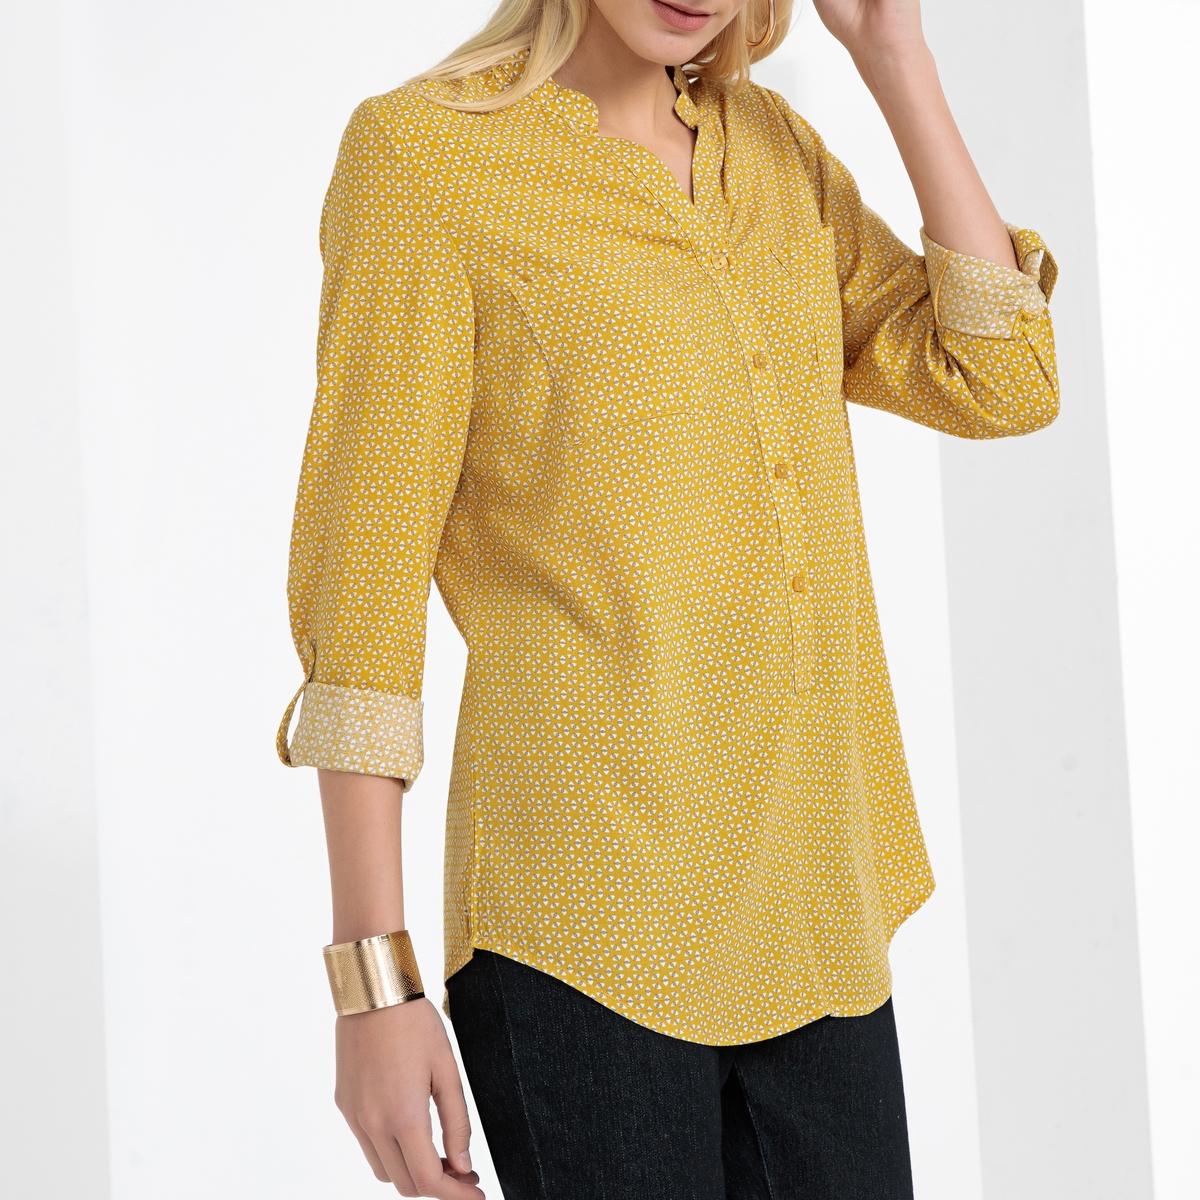 Imagen secundaria de producto de Blusa estampada con cuello de pico y tejido vaporoso - Anne weyburn